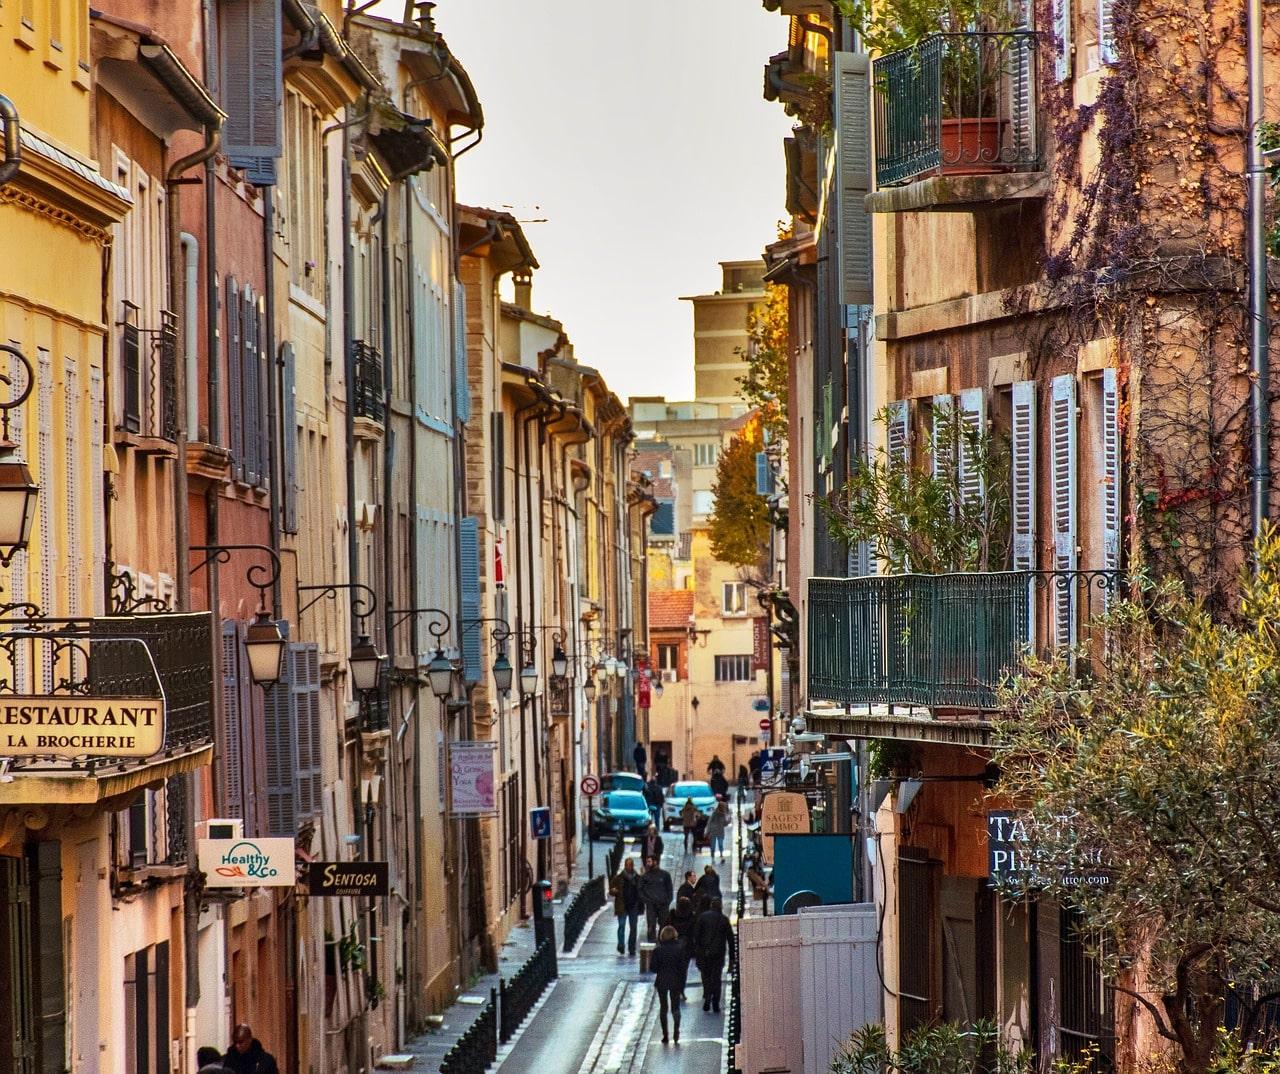 Achat immobilier : où acheter à Aix-en-Provence ?